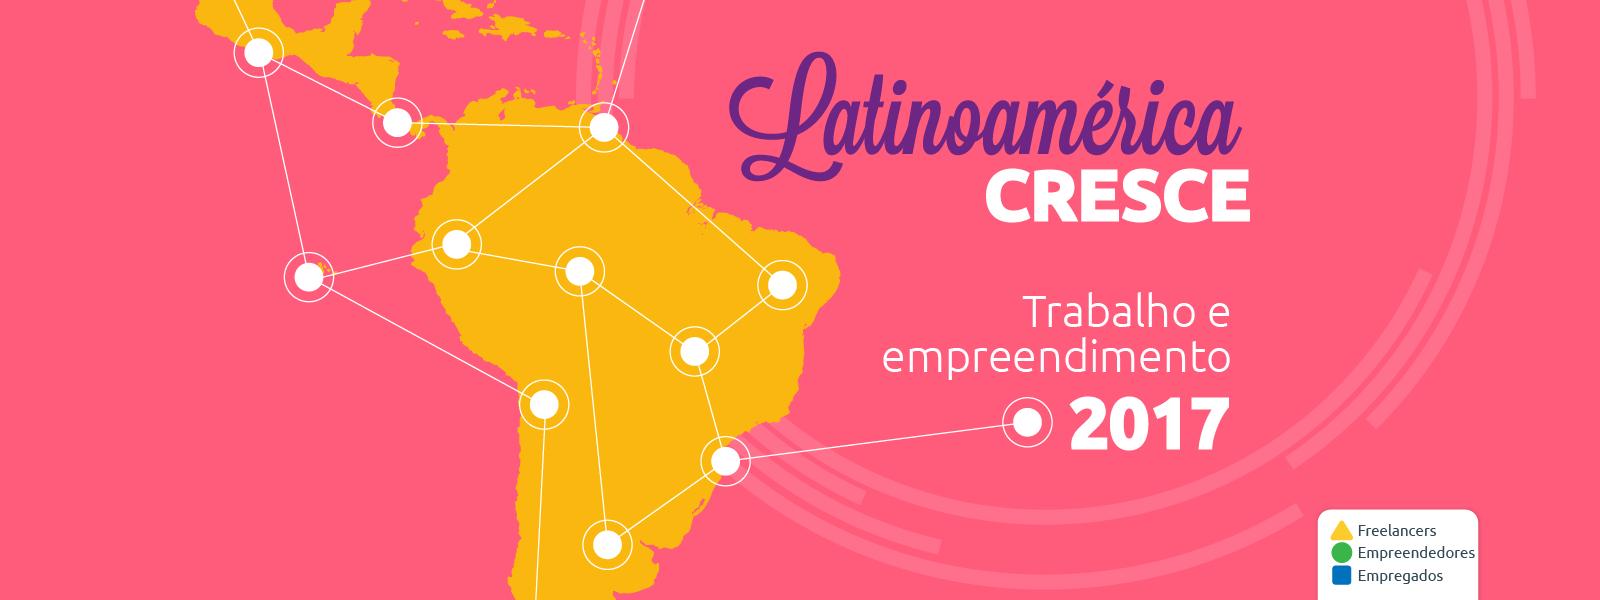 2017: Relatório do trabalho e empreendedorismo no Brasil